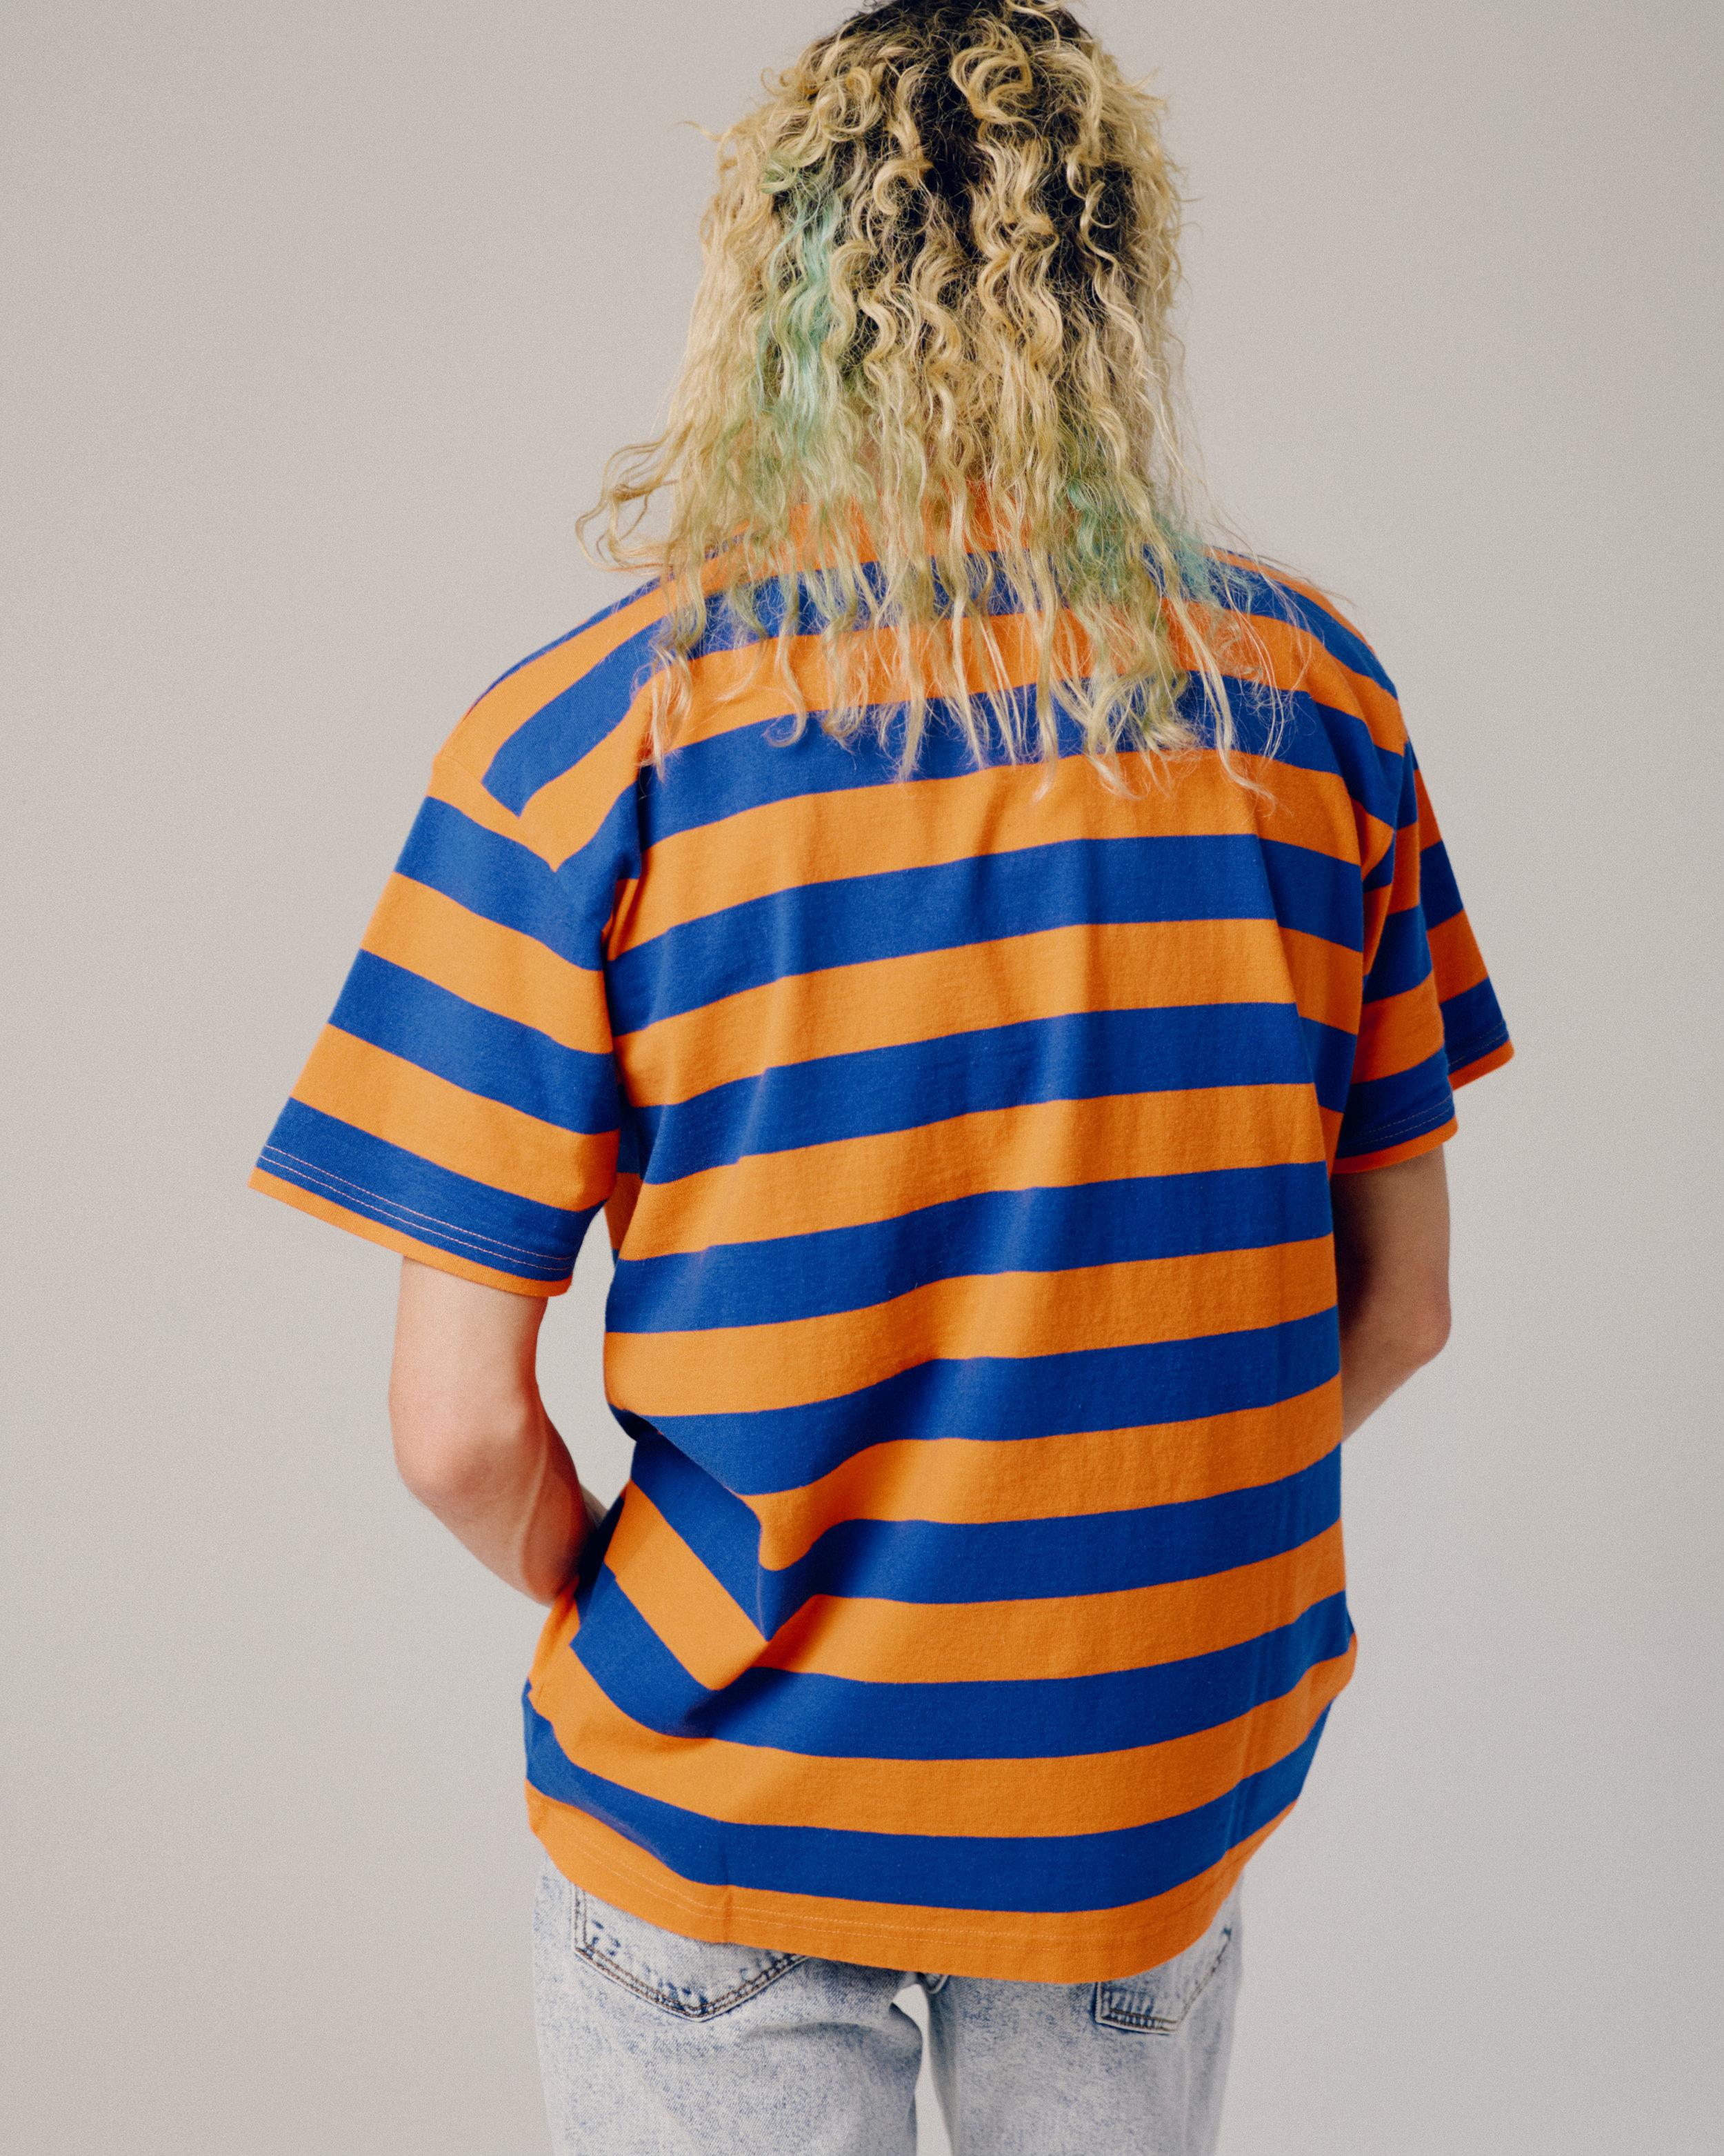 Tommy-Hilfiger-x-Fashionography35928.jpg